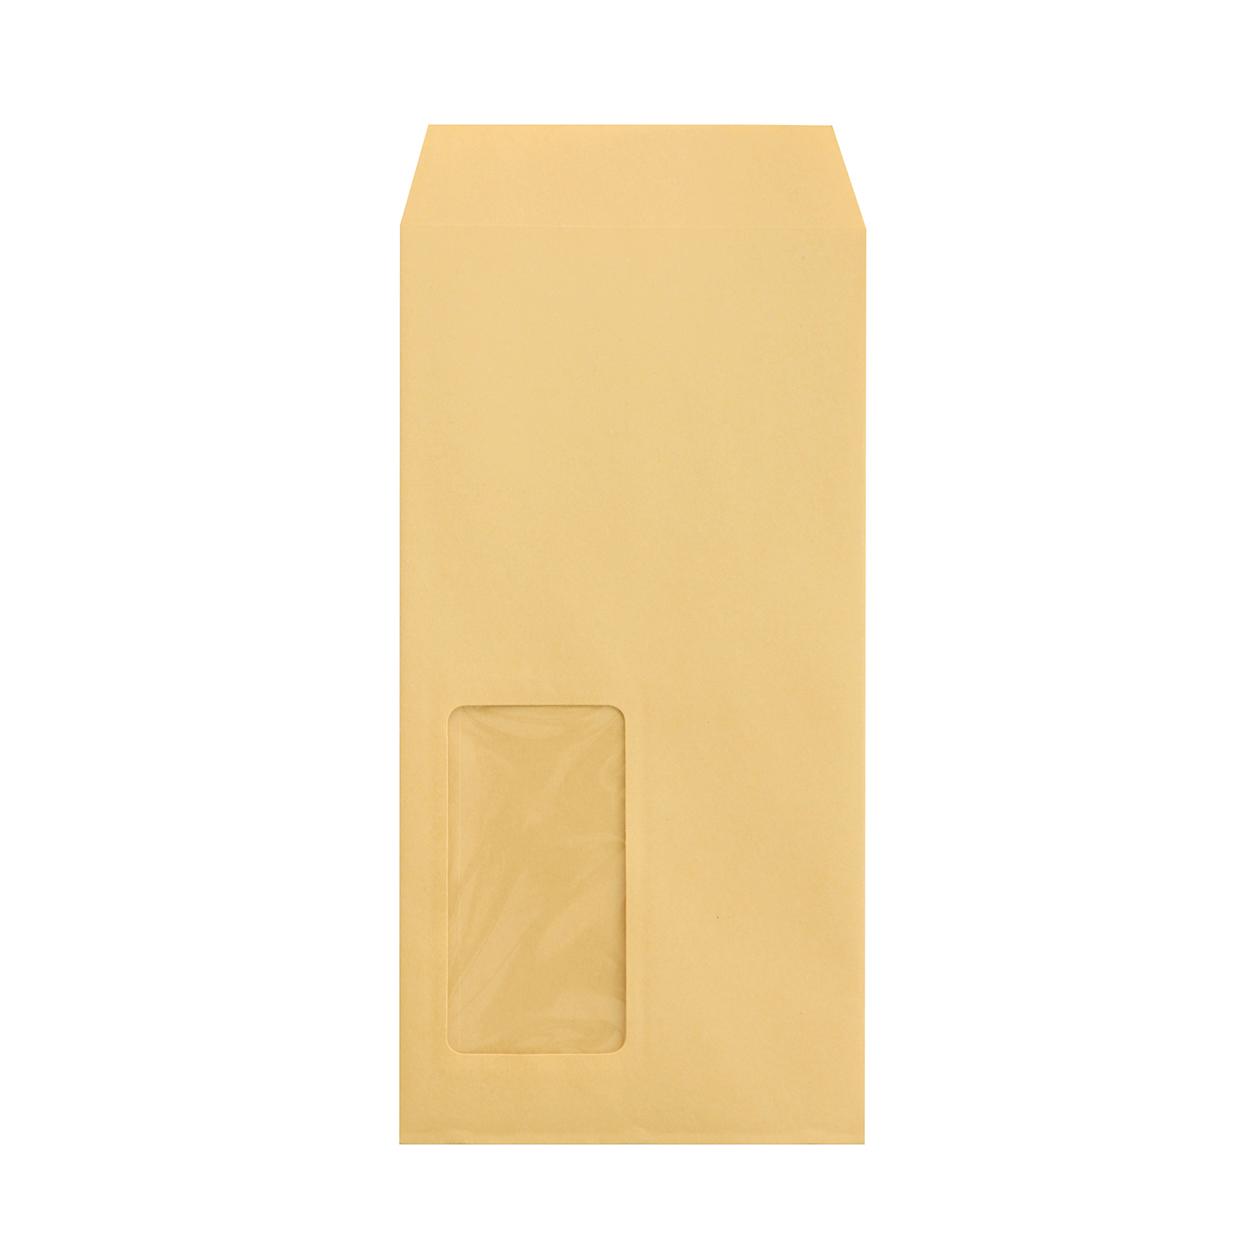 長3窓封筒 クラフト 85g